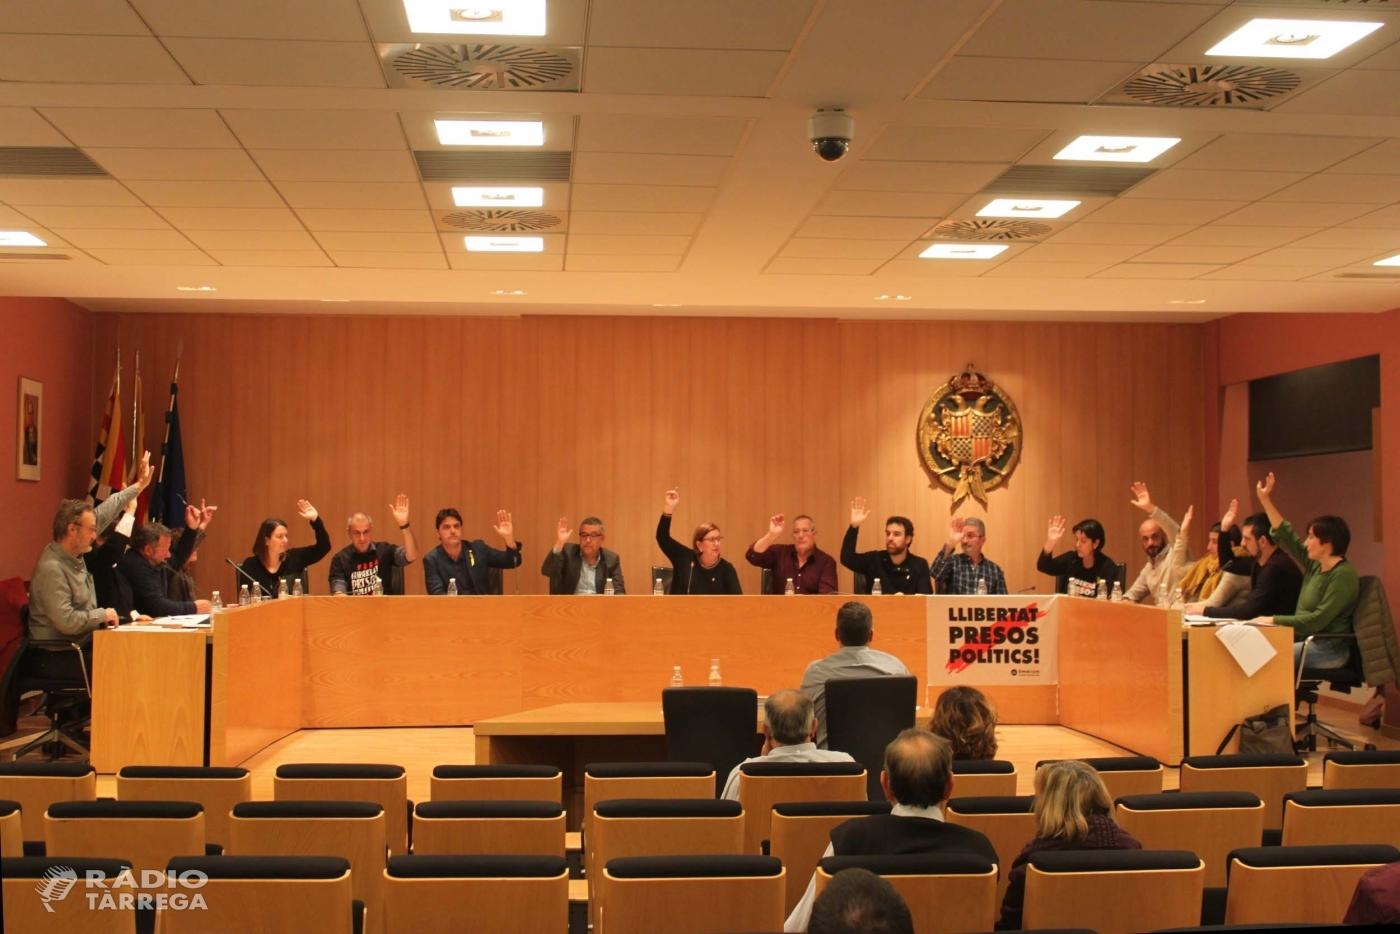 El Ple de Tàrrega insta per unanimitat a aturar el decret de menjadors escolars